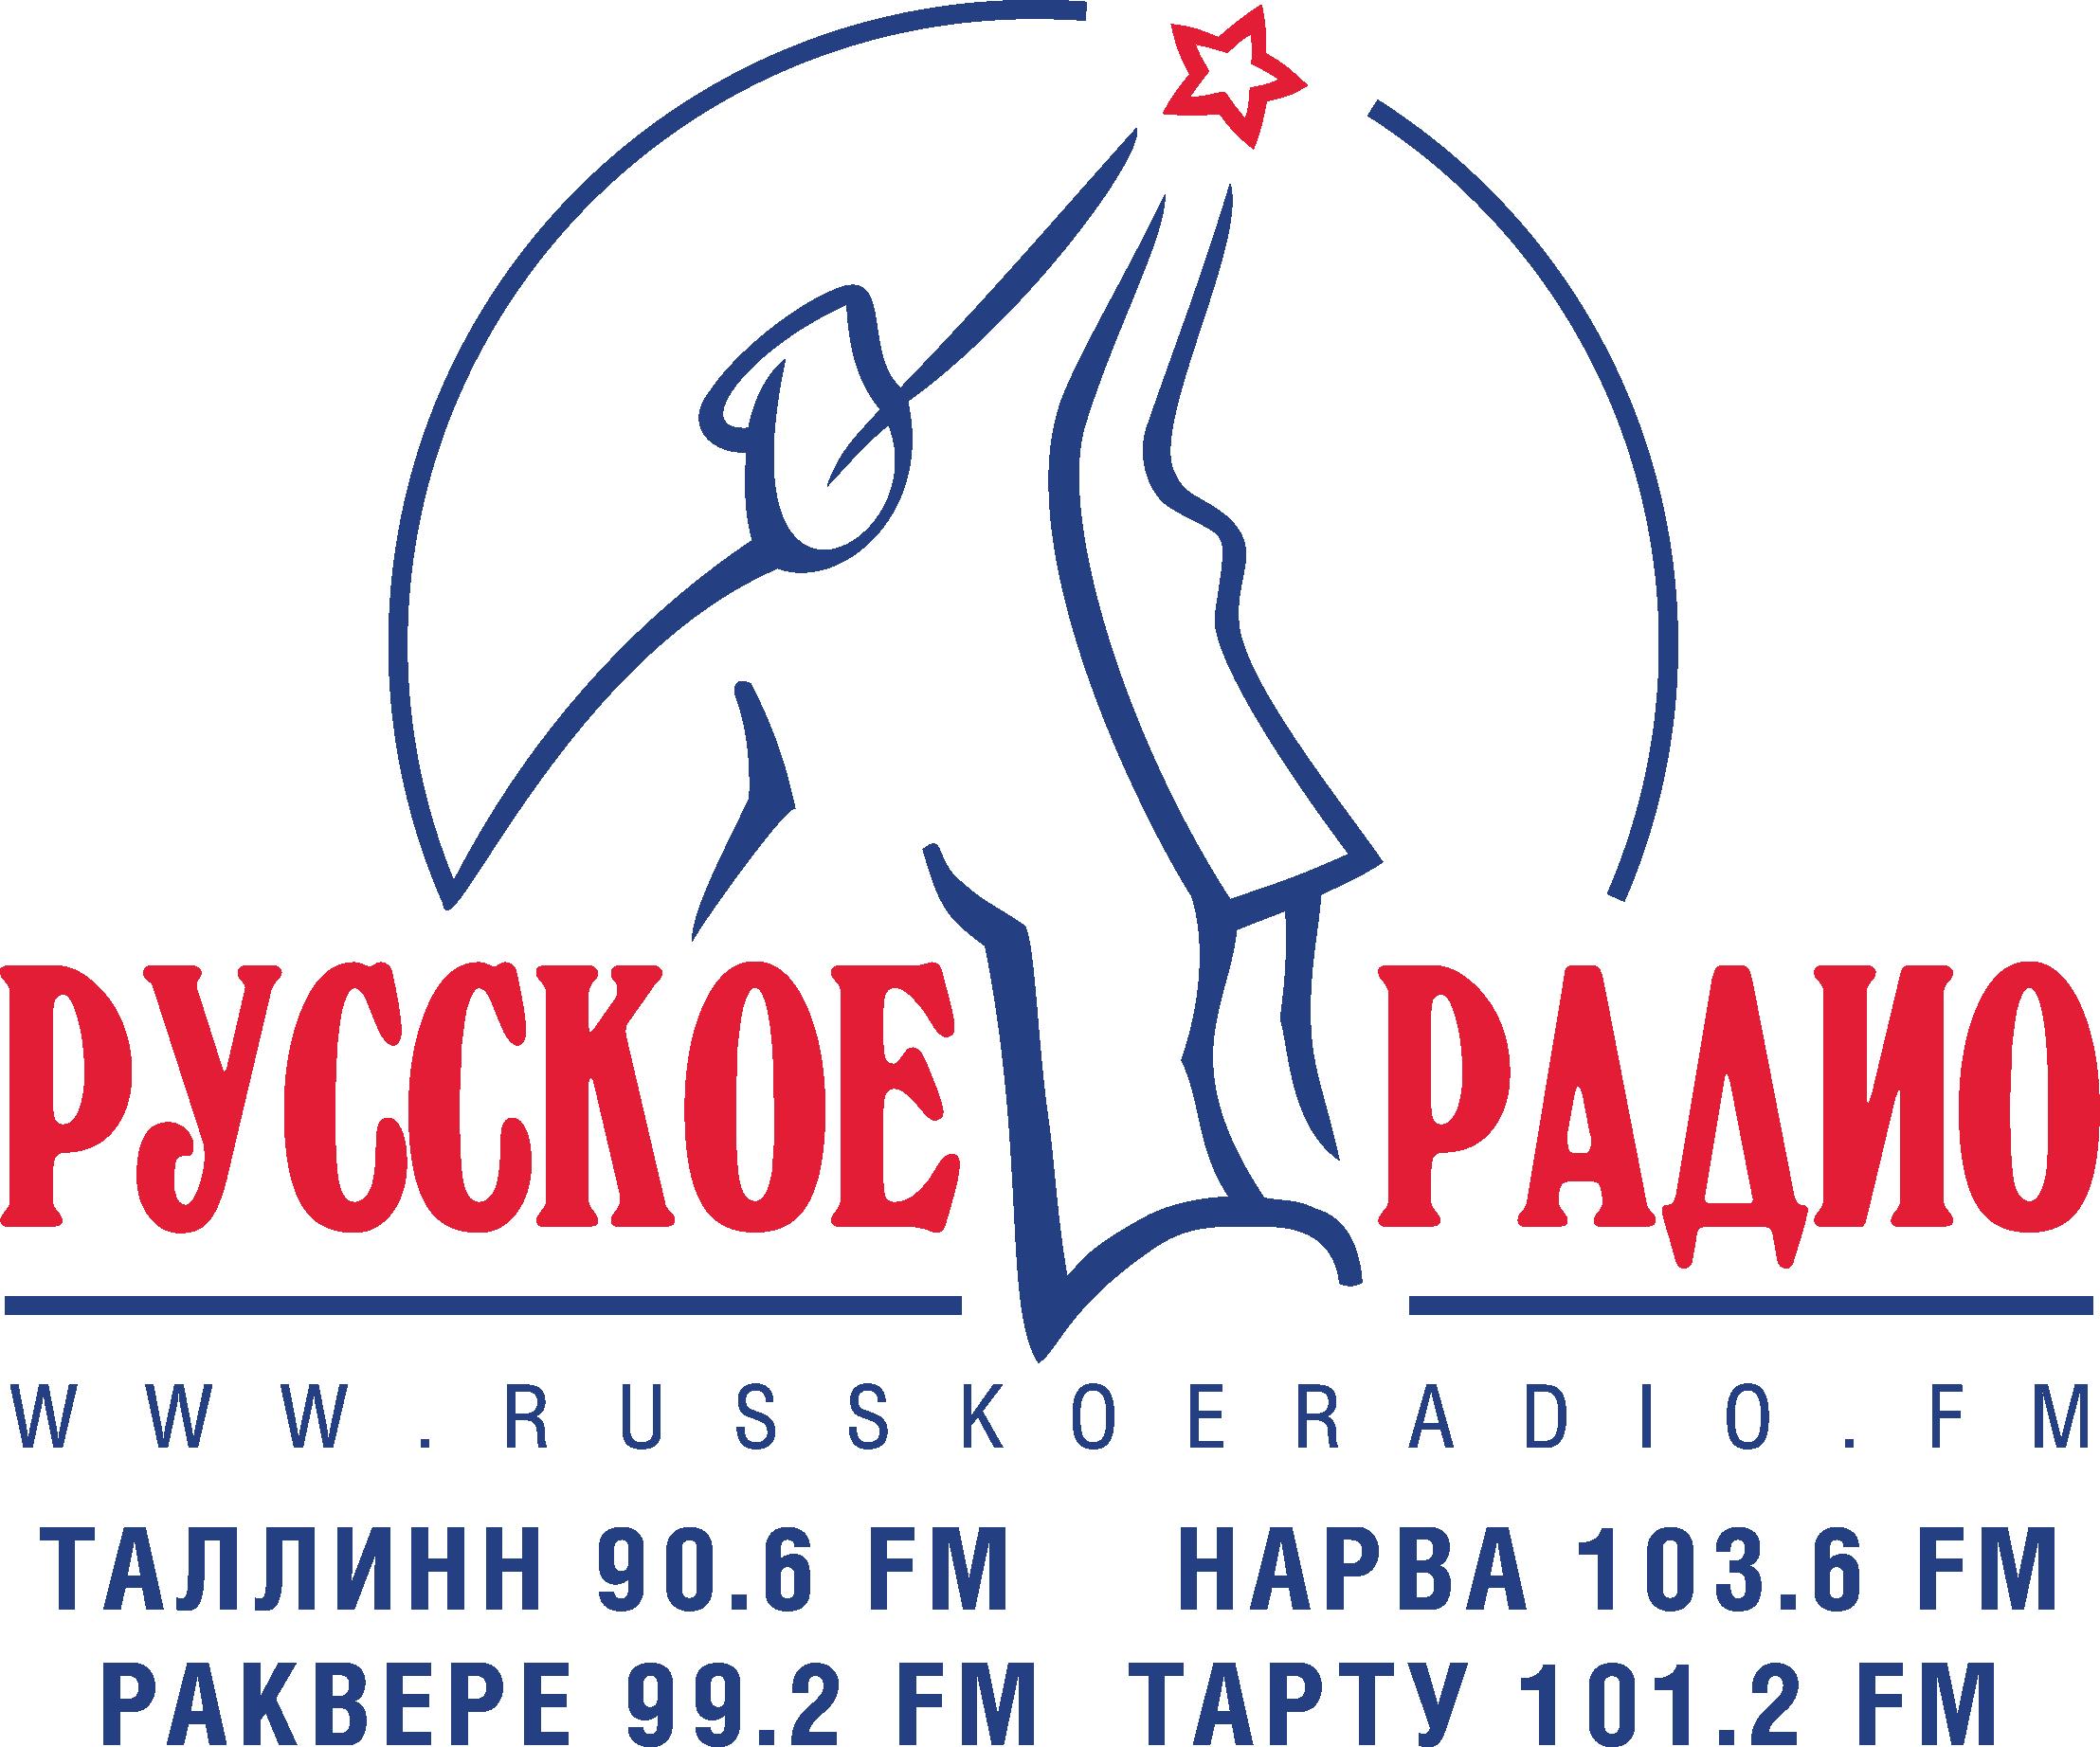 Русское радио телефон для поздравлений